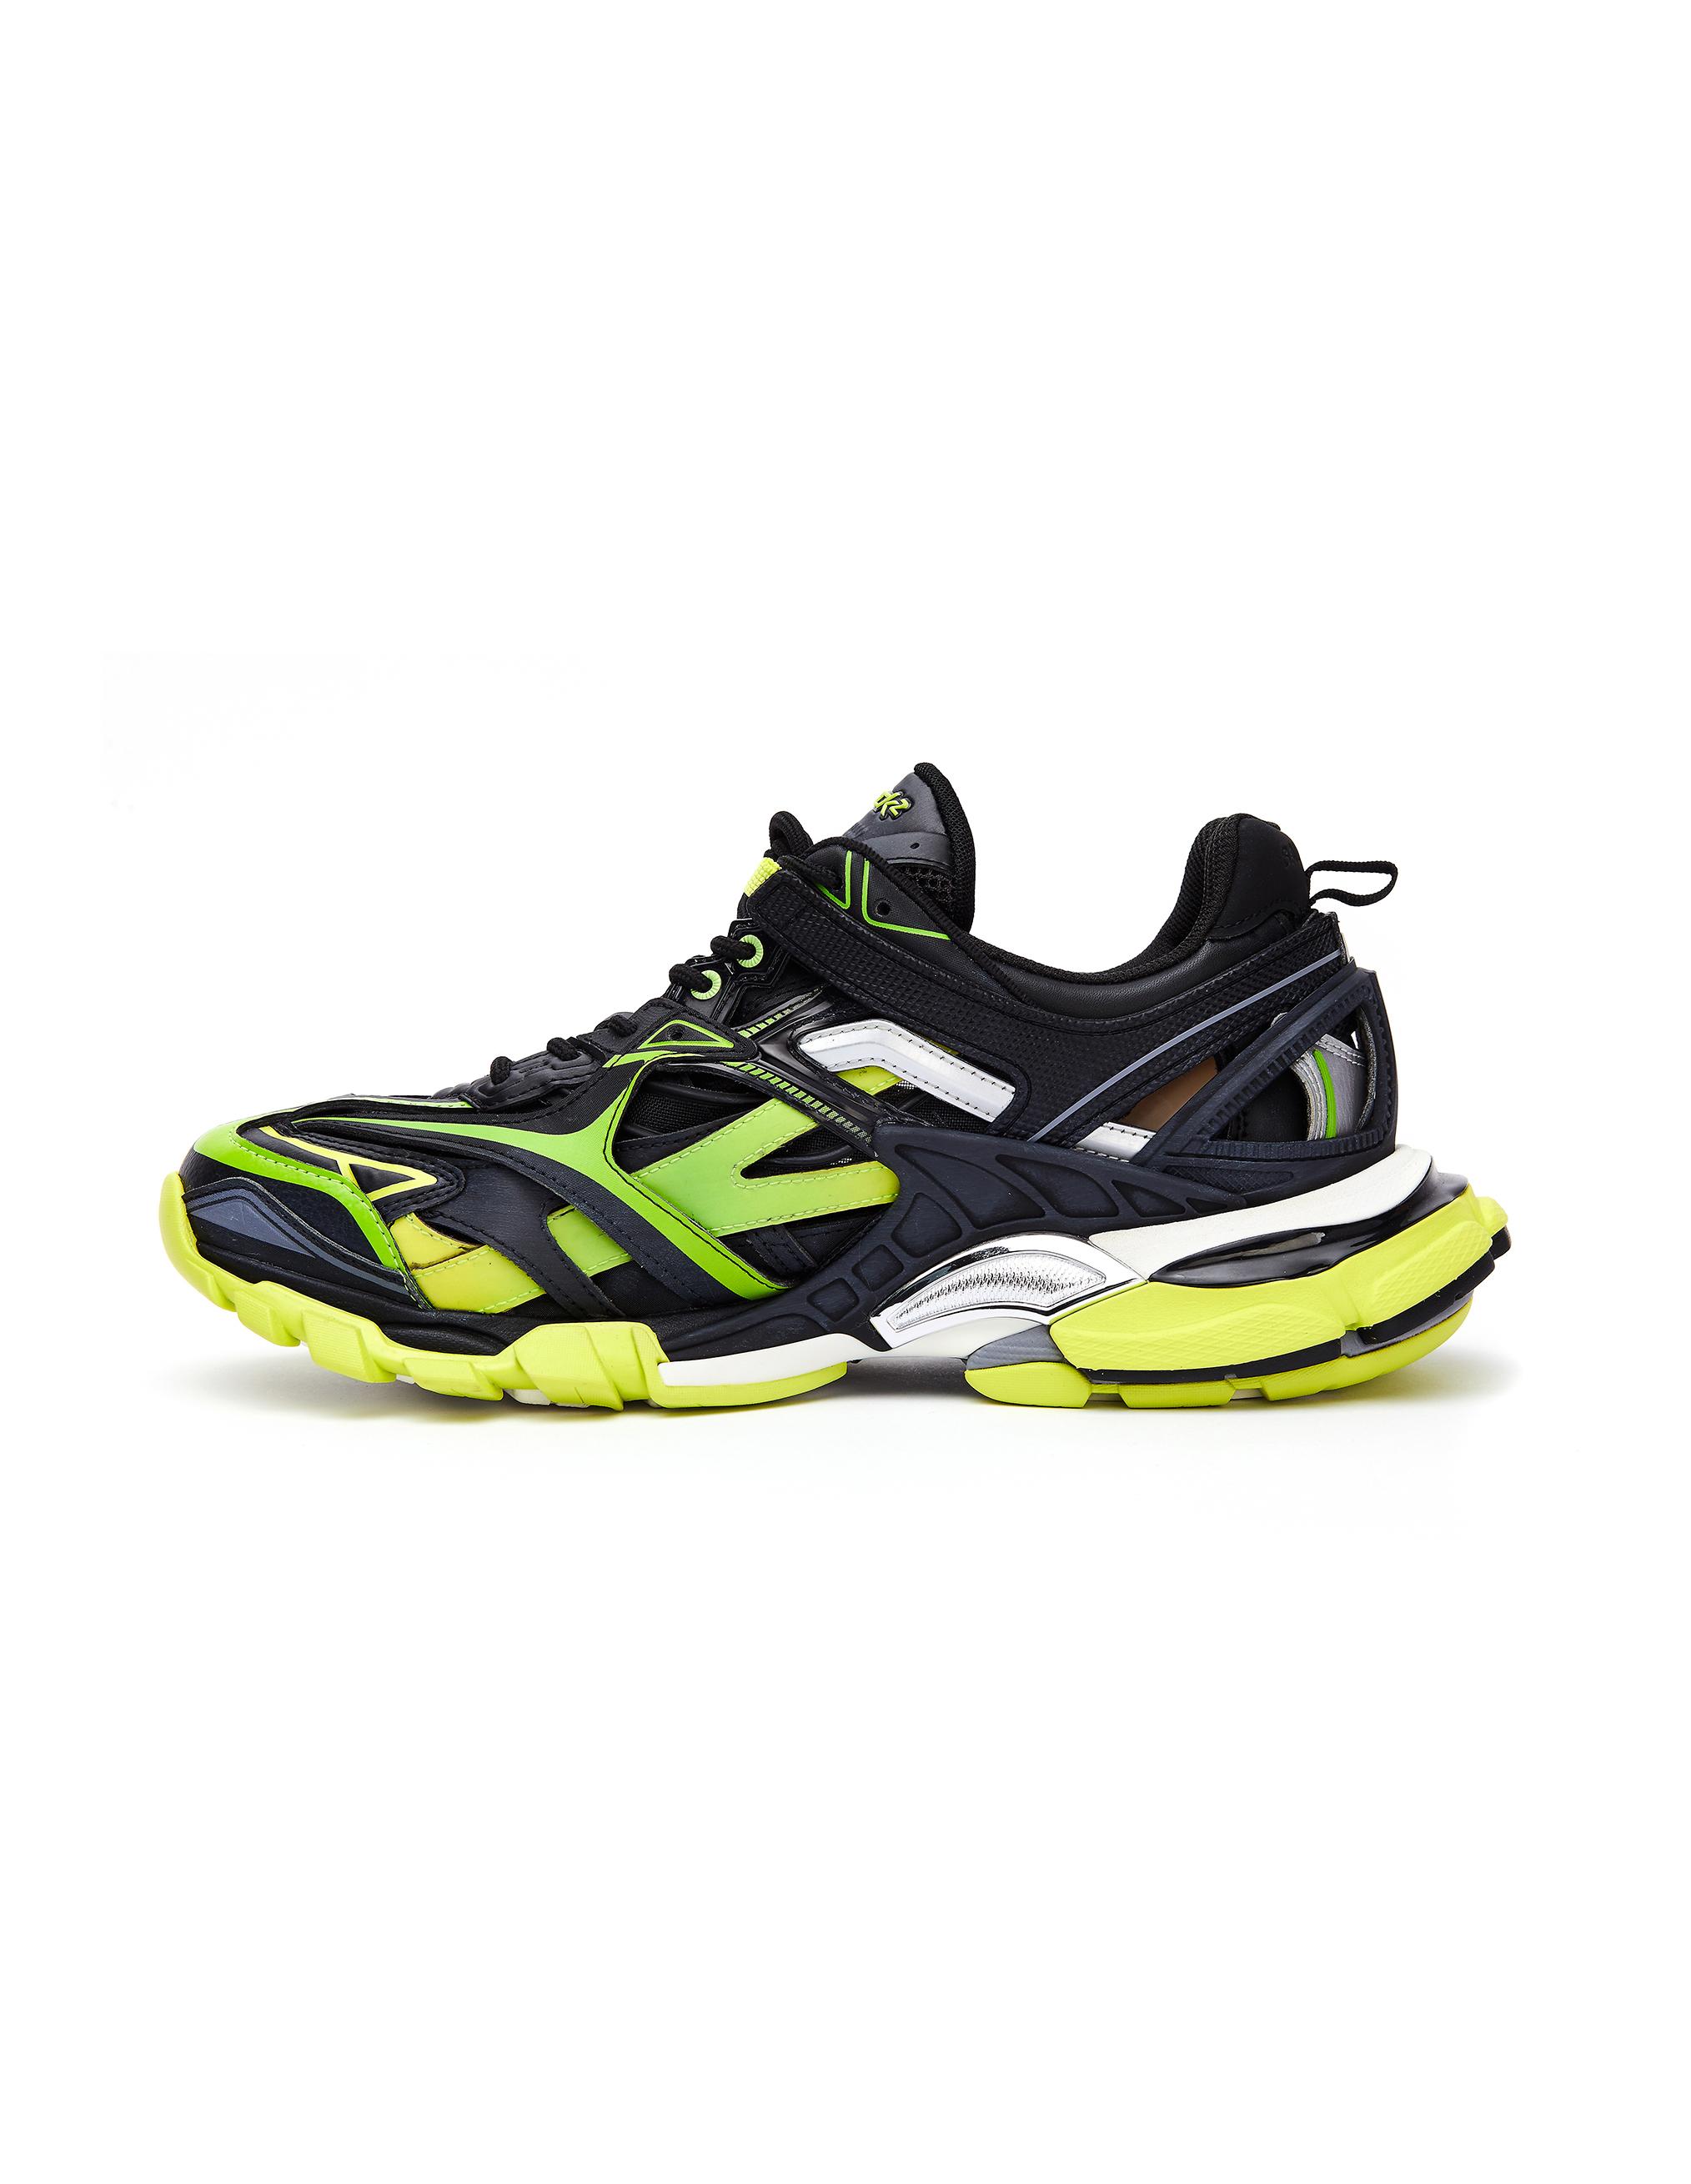 Balenciaga Black & Green Track 2 Sneakers